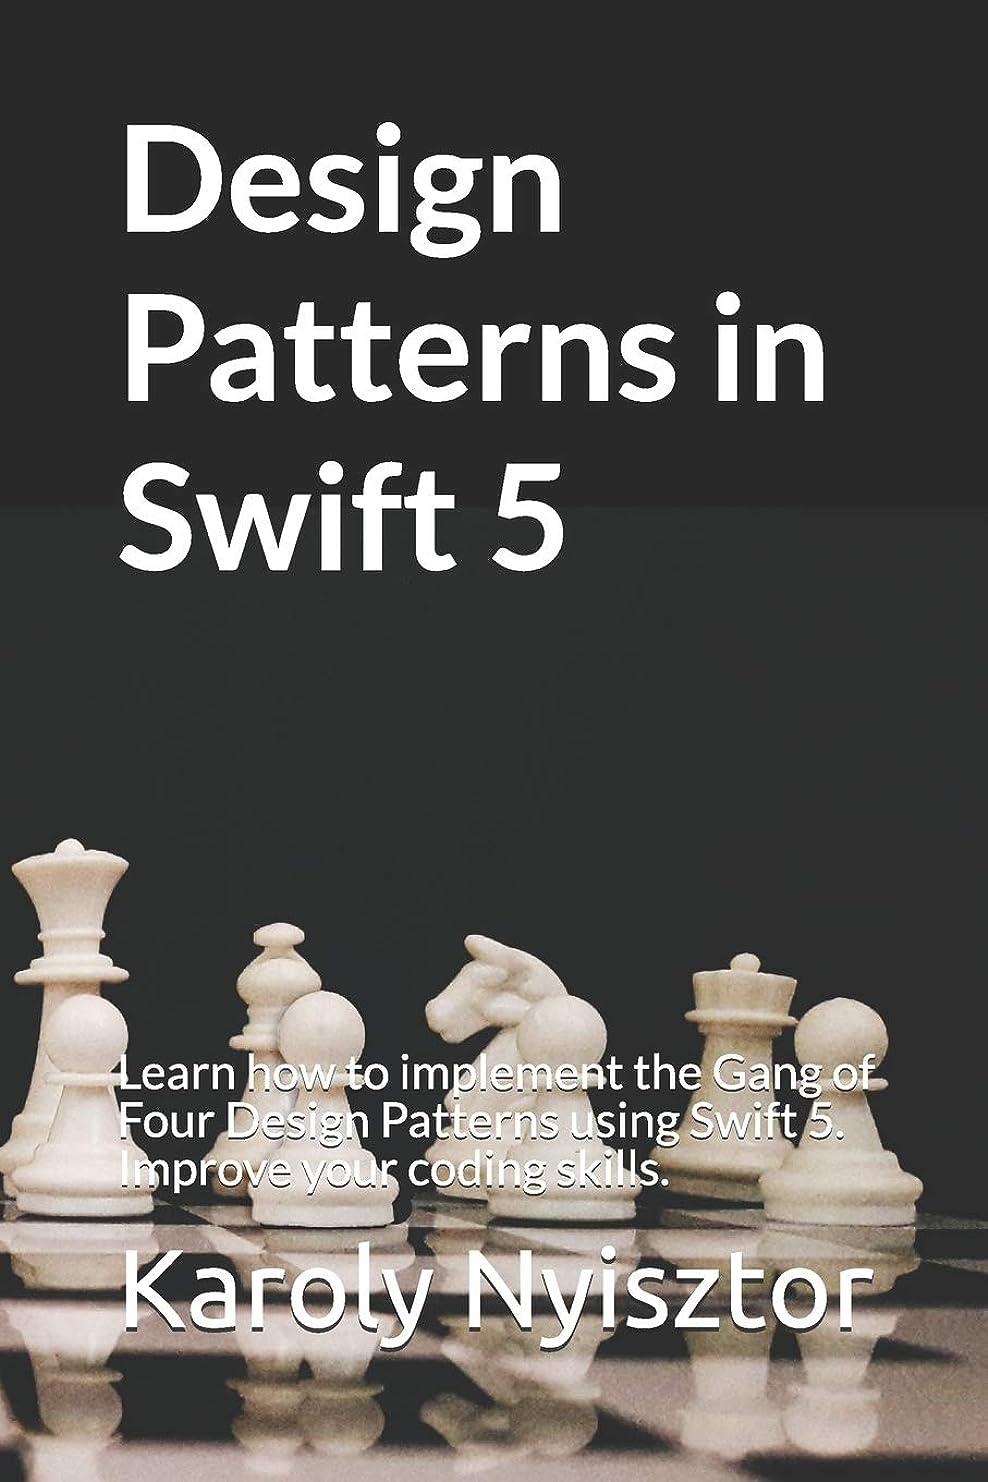 なす悪因子とてもDesign Patterns in Swift 5: Learn how to implement the Gang of Four Design Patterns using Swift 5. Improve your coding skills. (Swift Clinic)